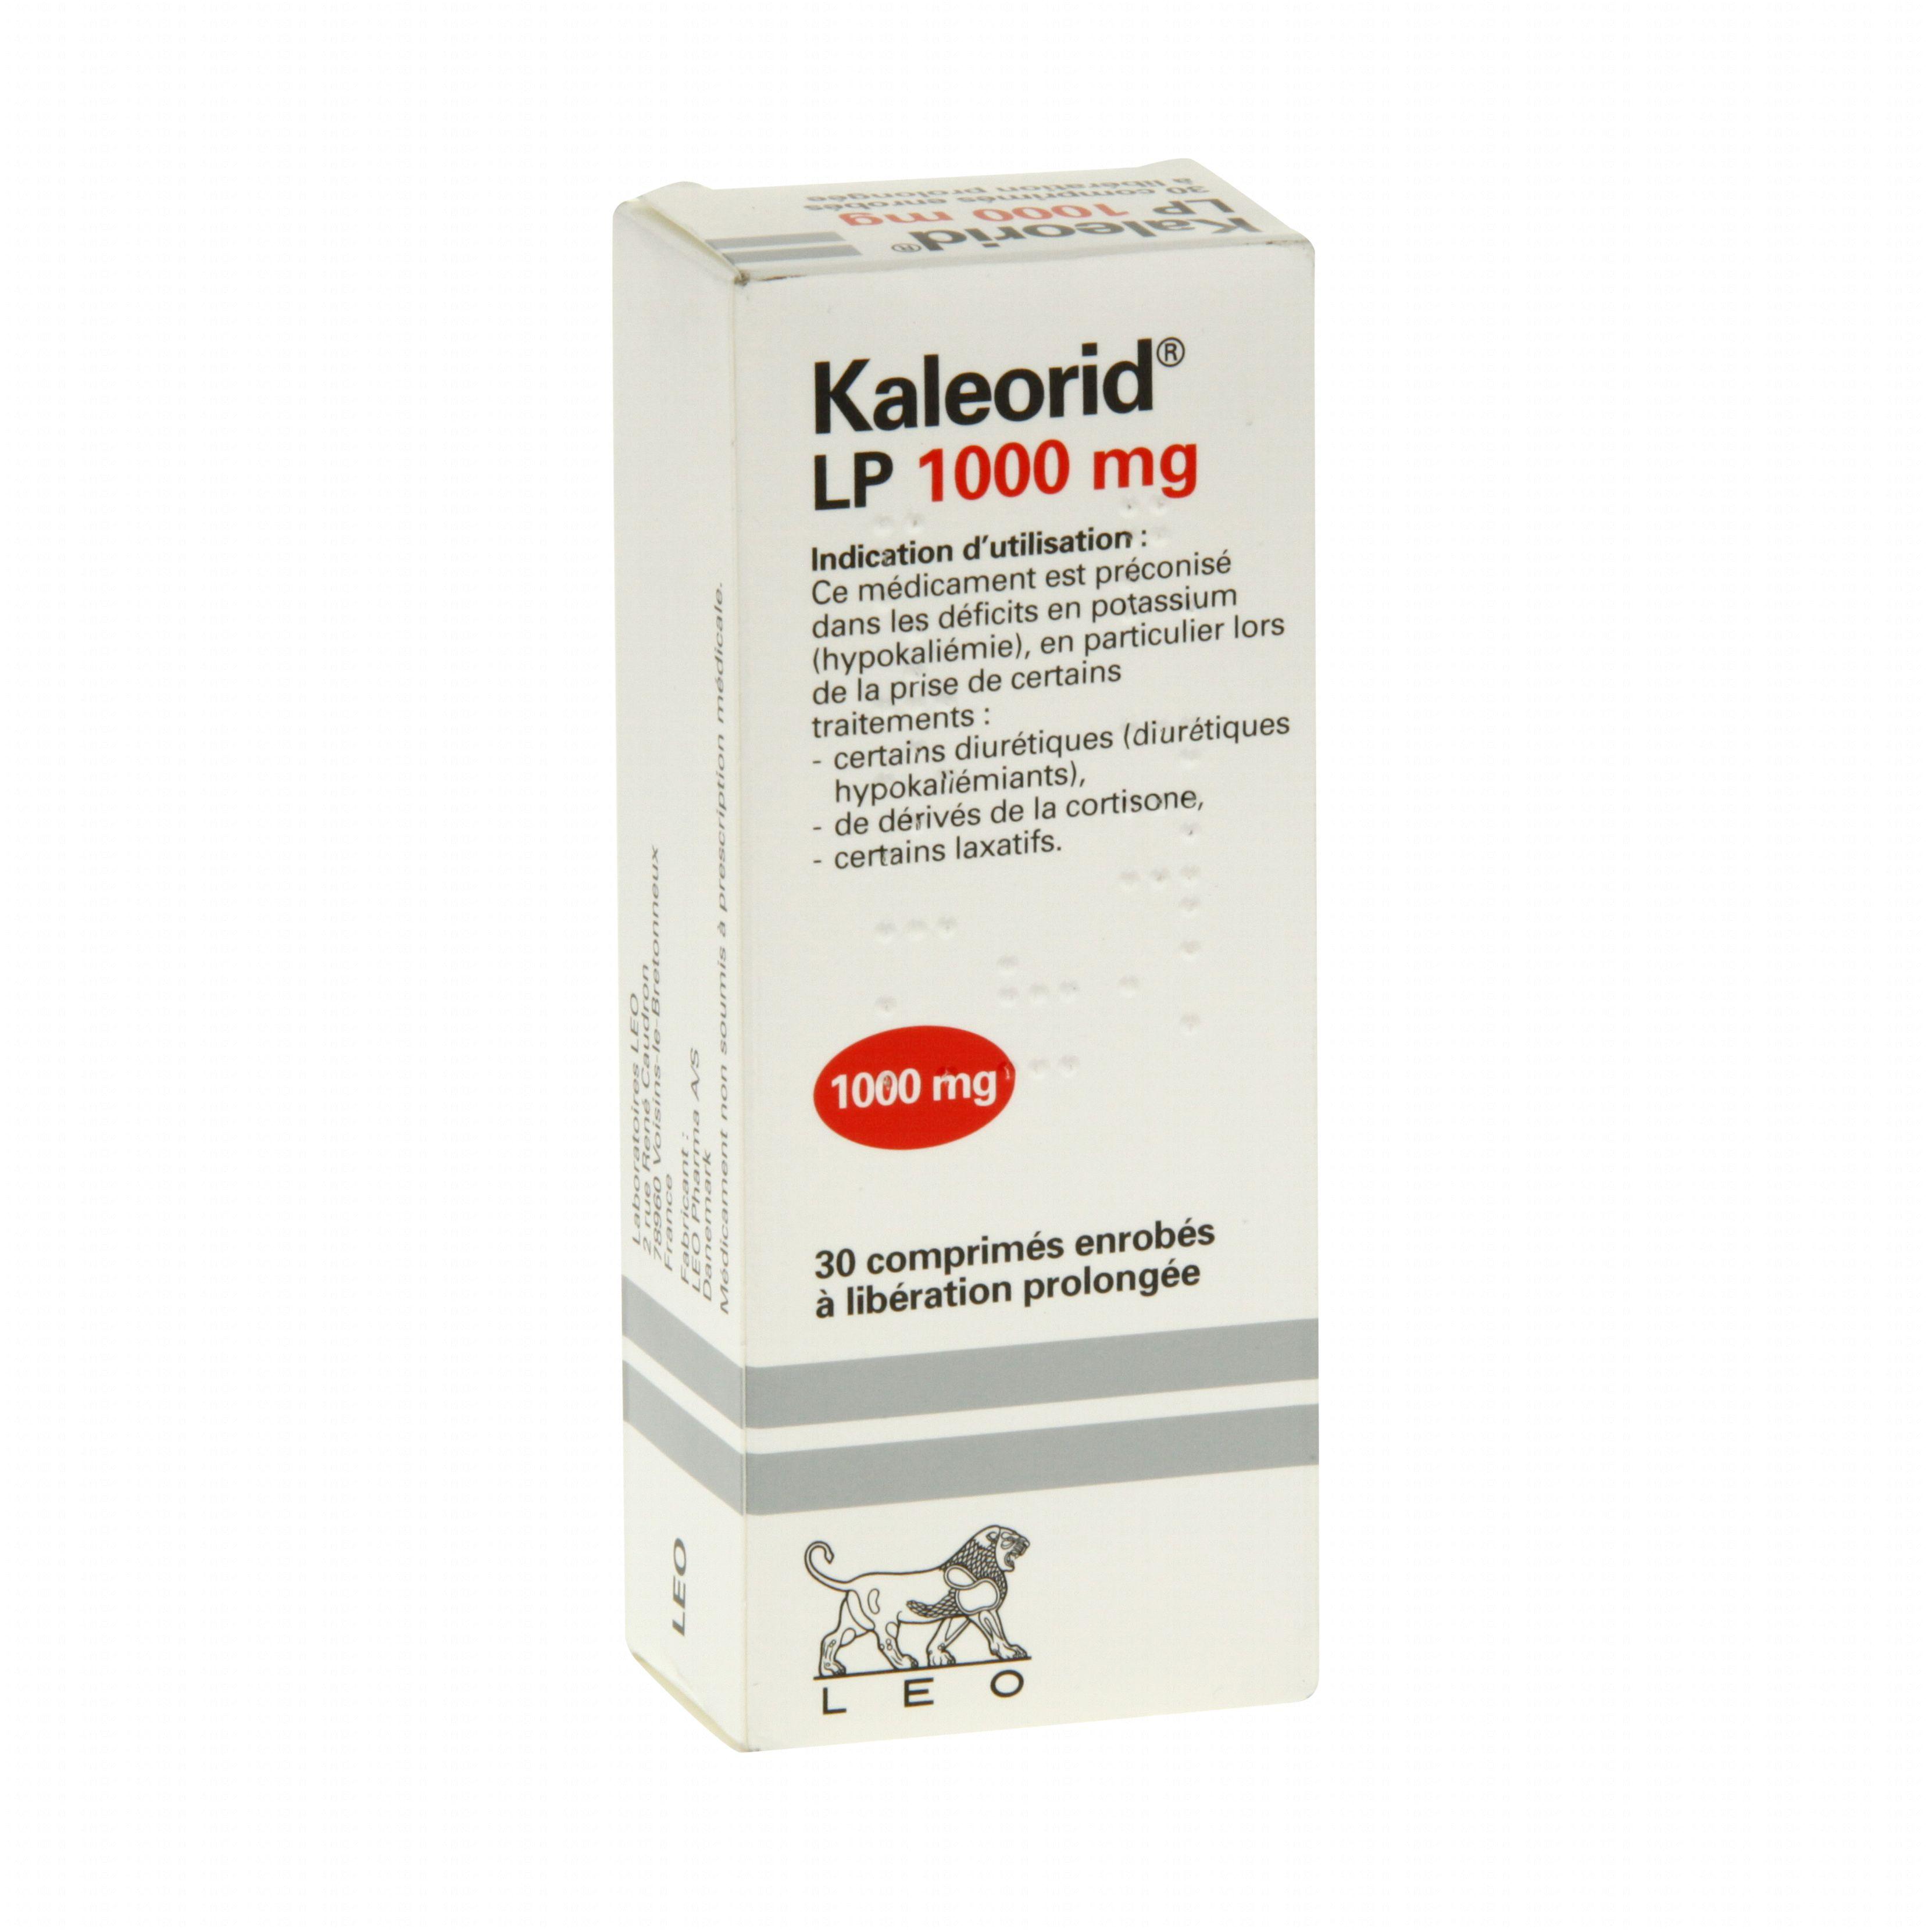 Kaleorid lp 1000 mg boite de 30 comprimés Leo Pharma